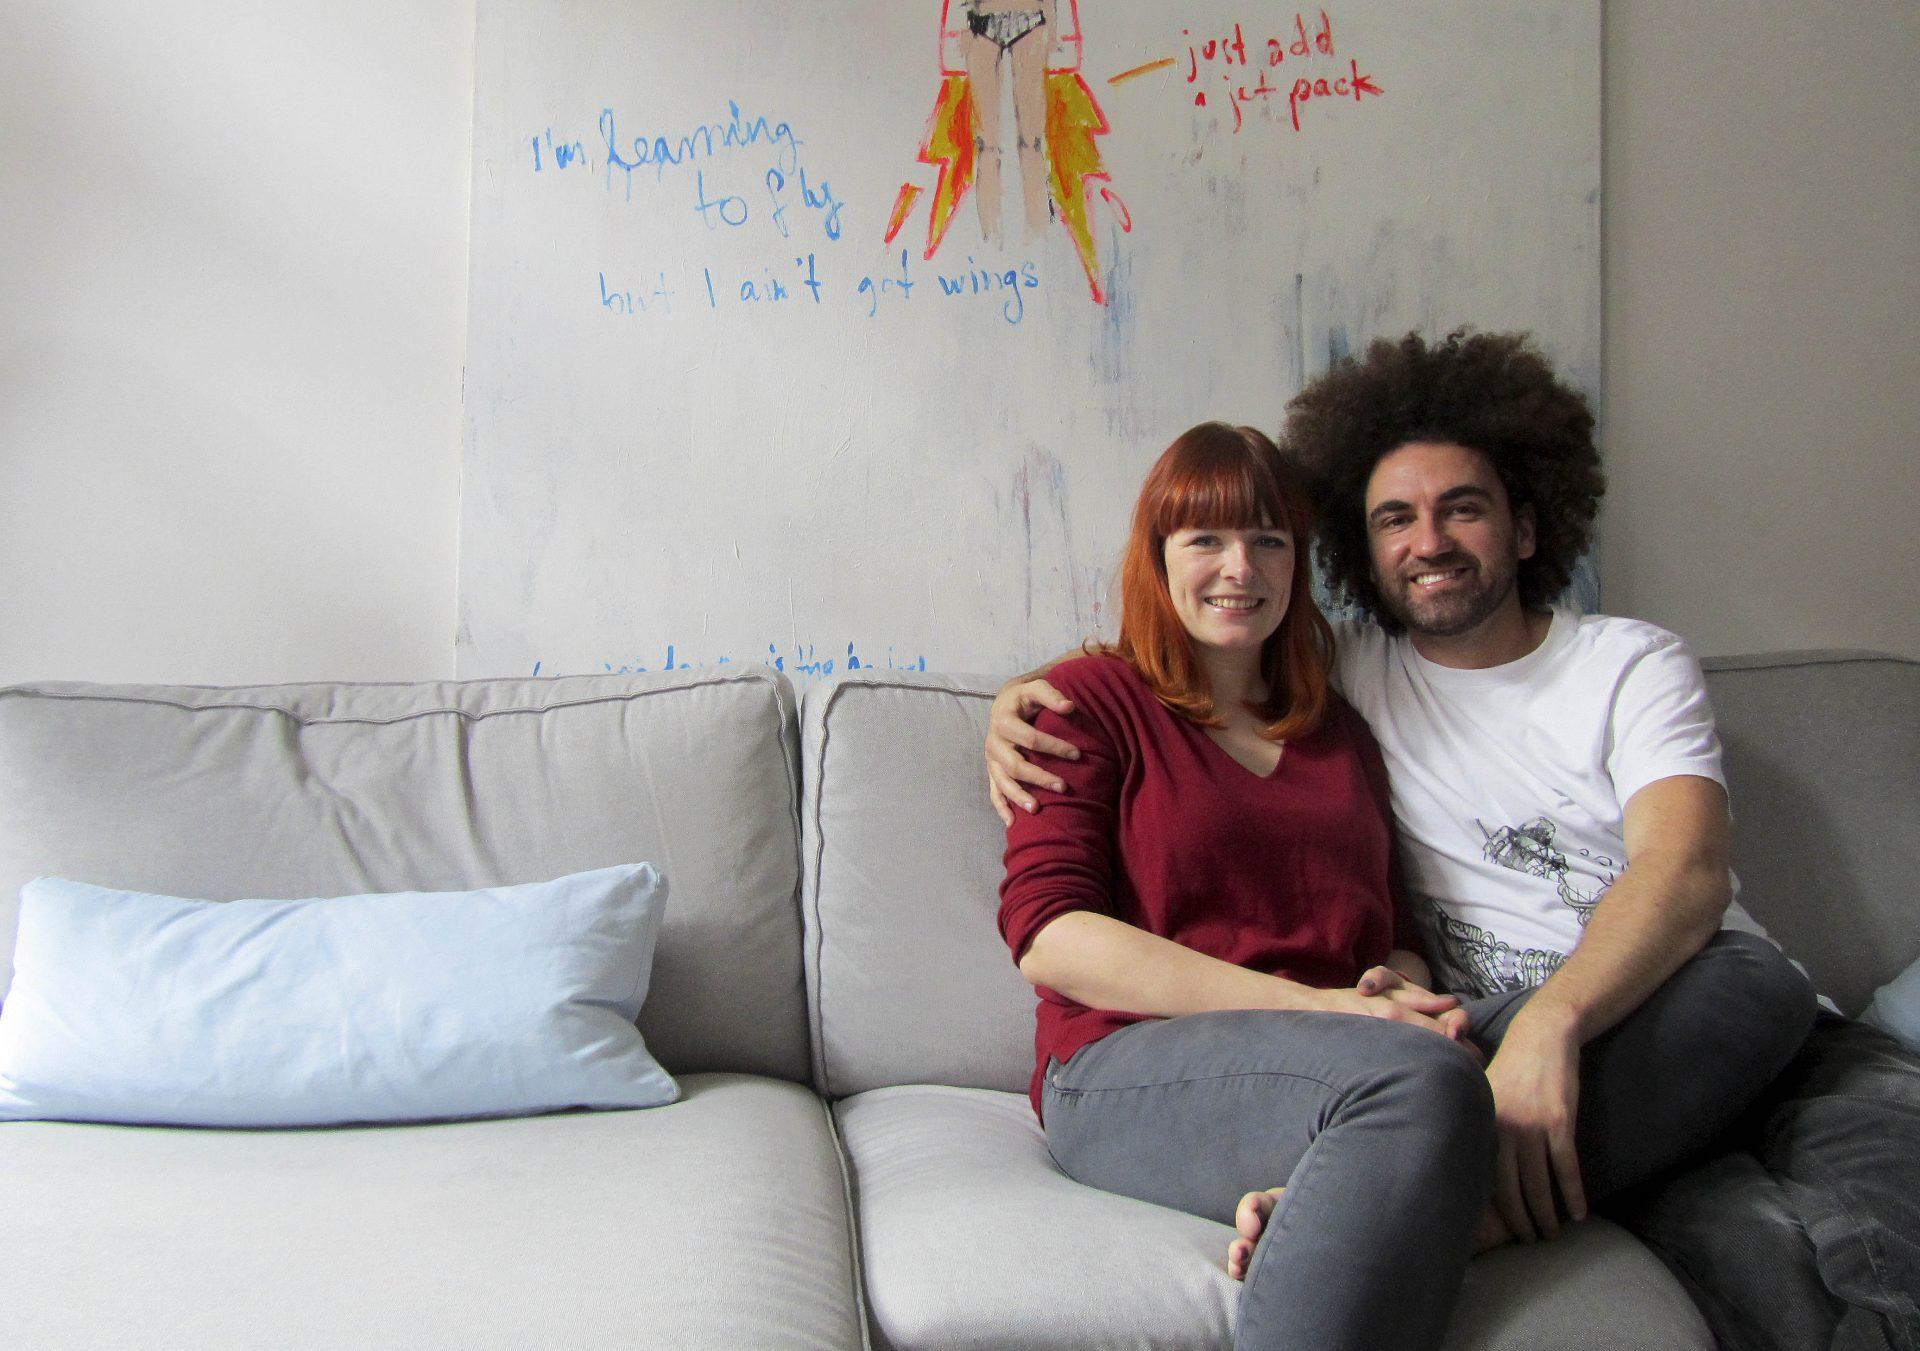 Pedro Lourenço e Moni Eckey, um casal luso-alemão que vive em Berlim, criaram um dicionário visual 'online' para aprendizagem das línguas alemã e portuguesa através de ilustrações que ajudam à fácil e rápida memorização do vocabulário, Berlim, 8 de novembro de 2015.   LUSA